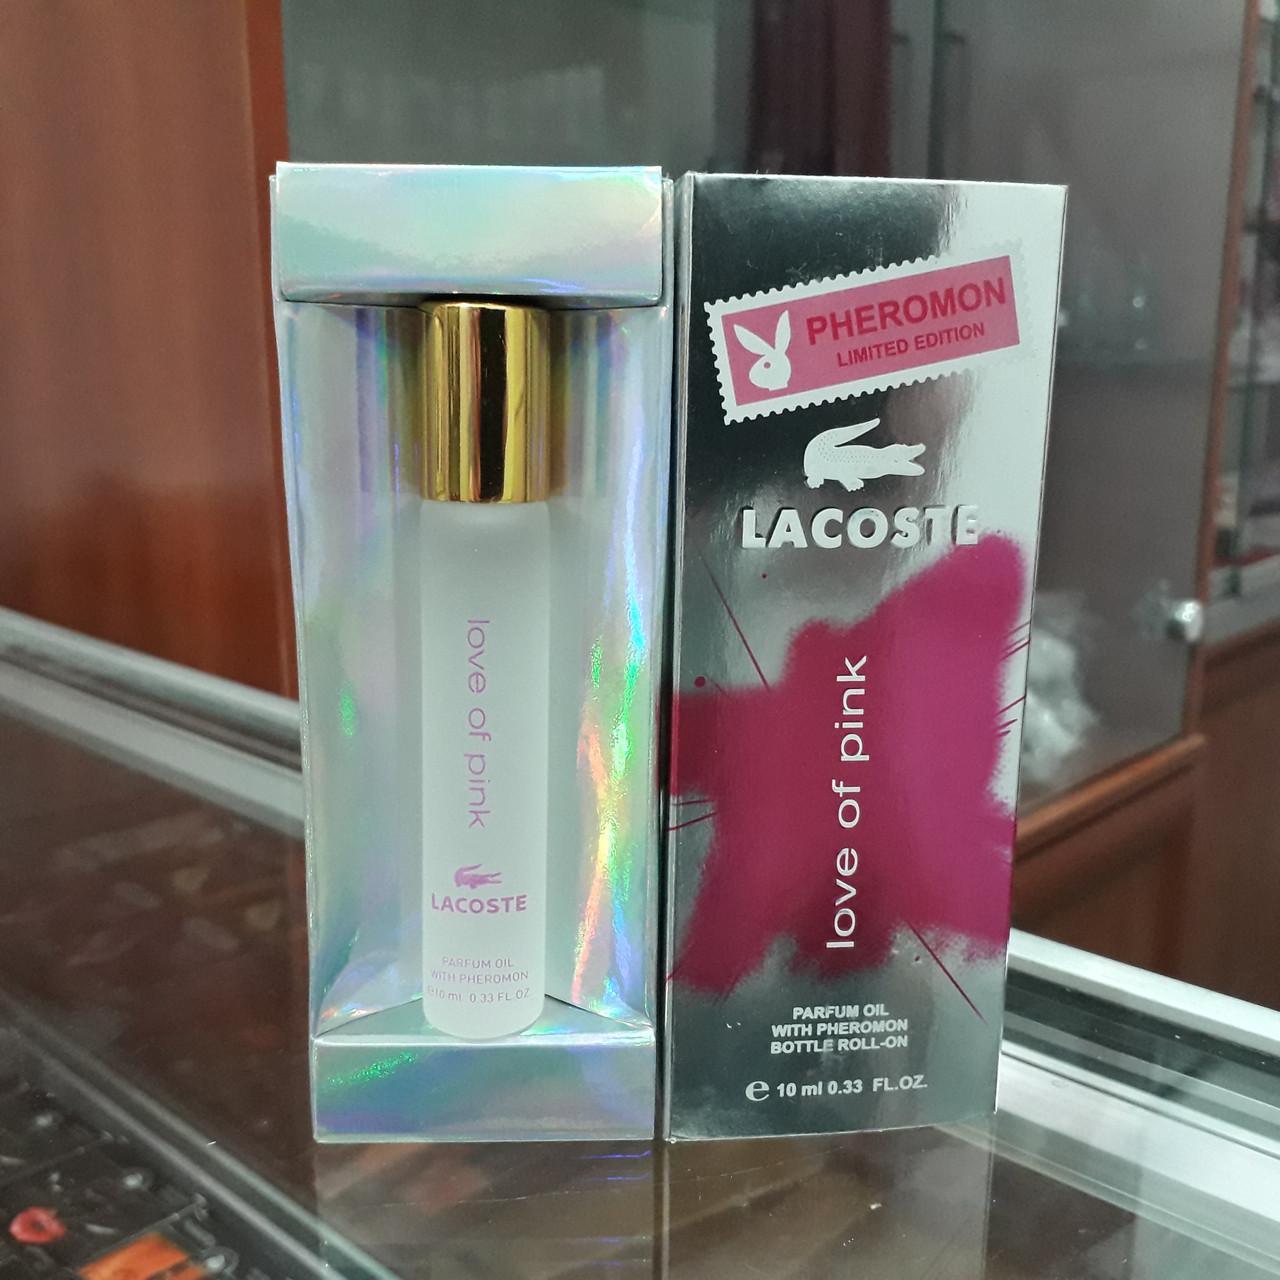 Духи с феромонами Lacoste Love Of Pink, 10ml.